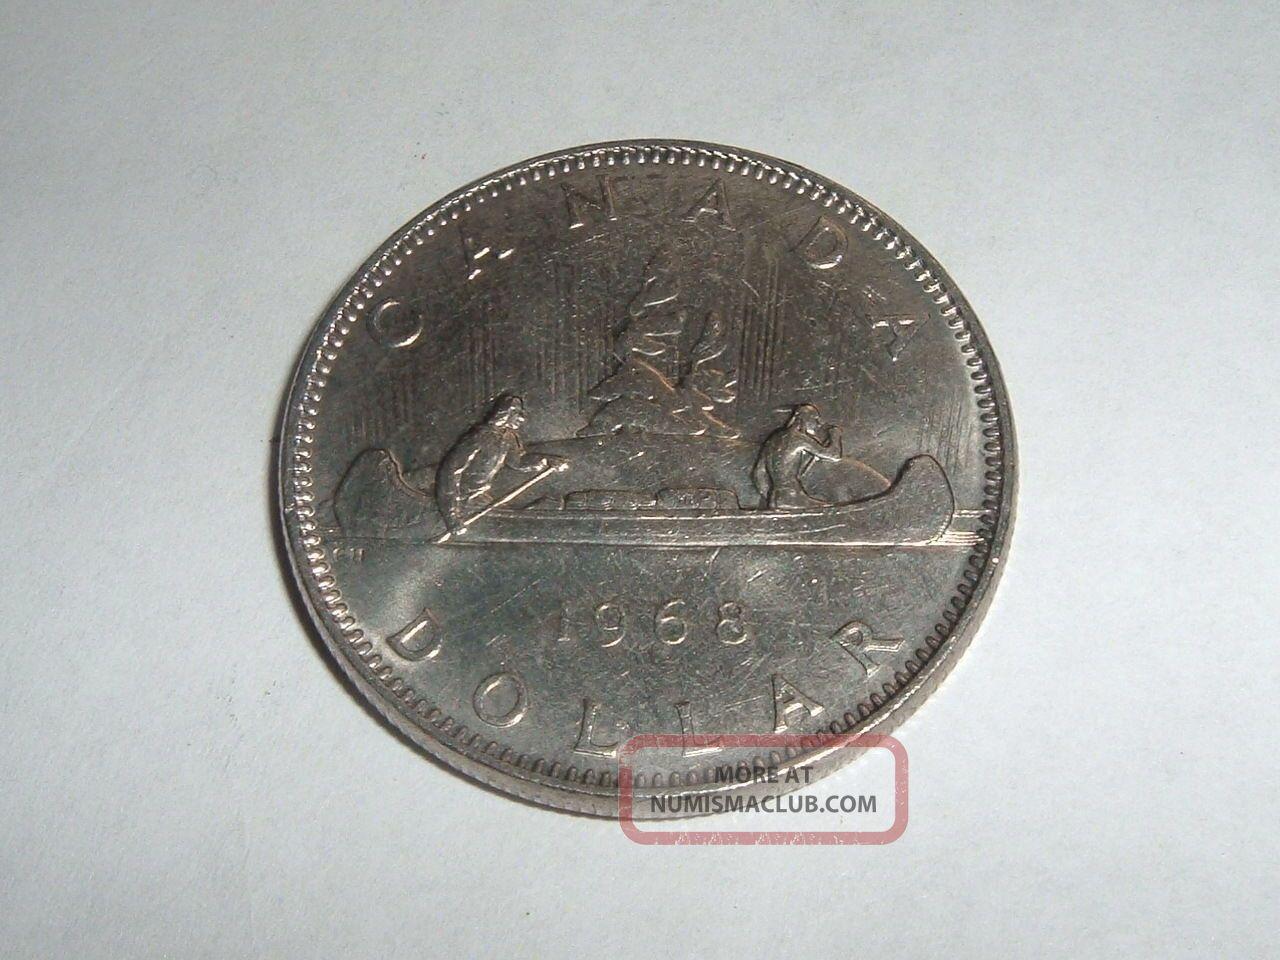 Canadain One Dollar Coin Date 1968 Coin Coins: Canada photo